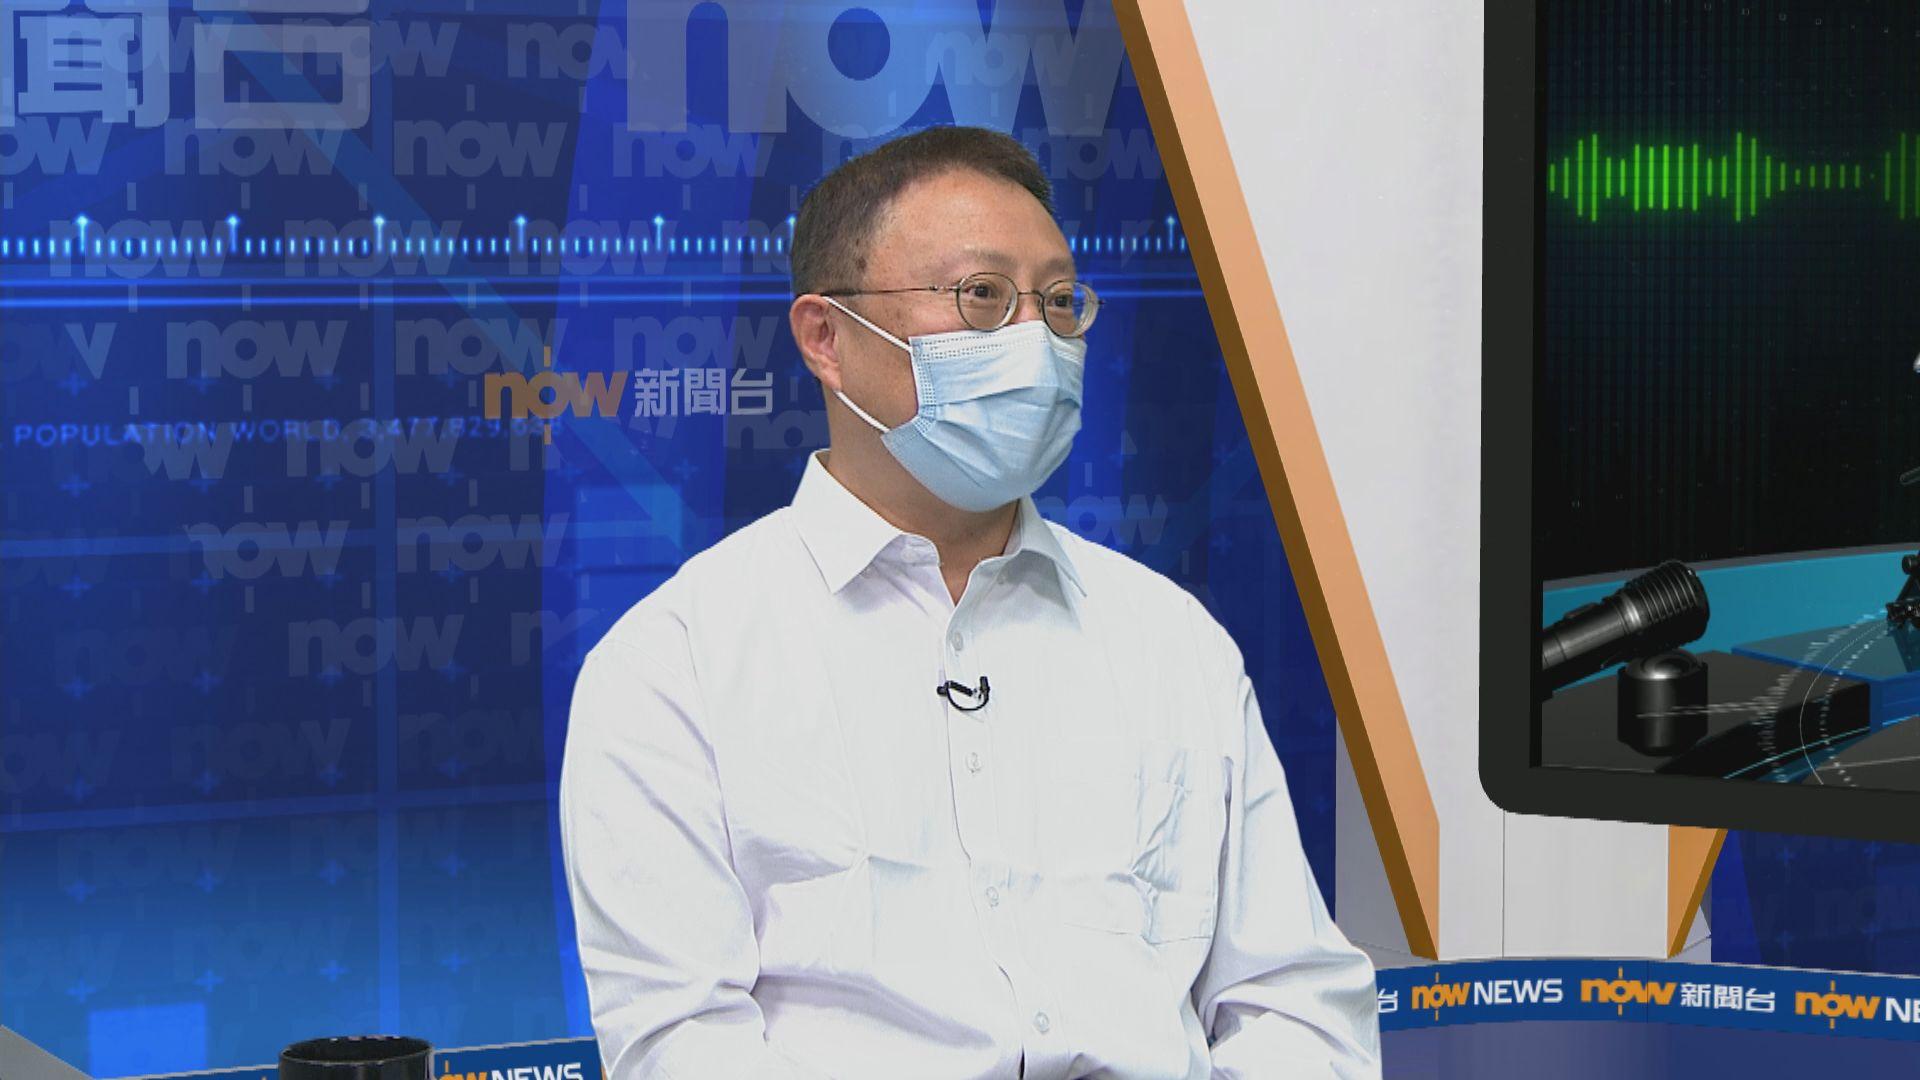 曾浩輝:仍等待科興公布全面數據作審核